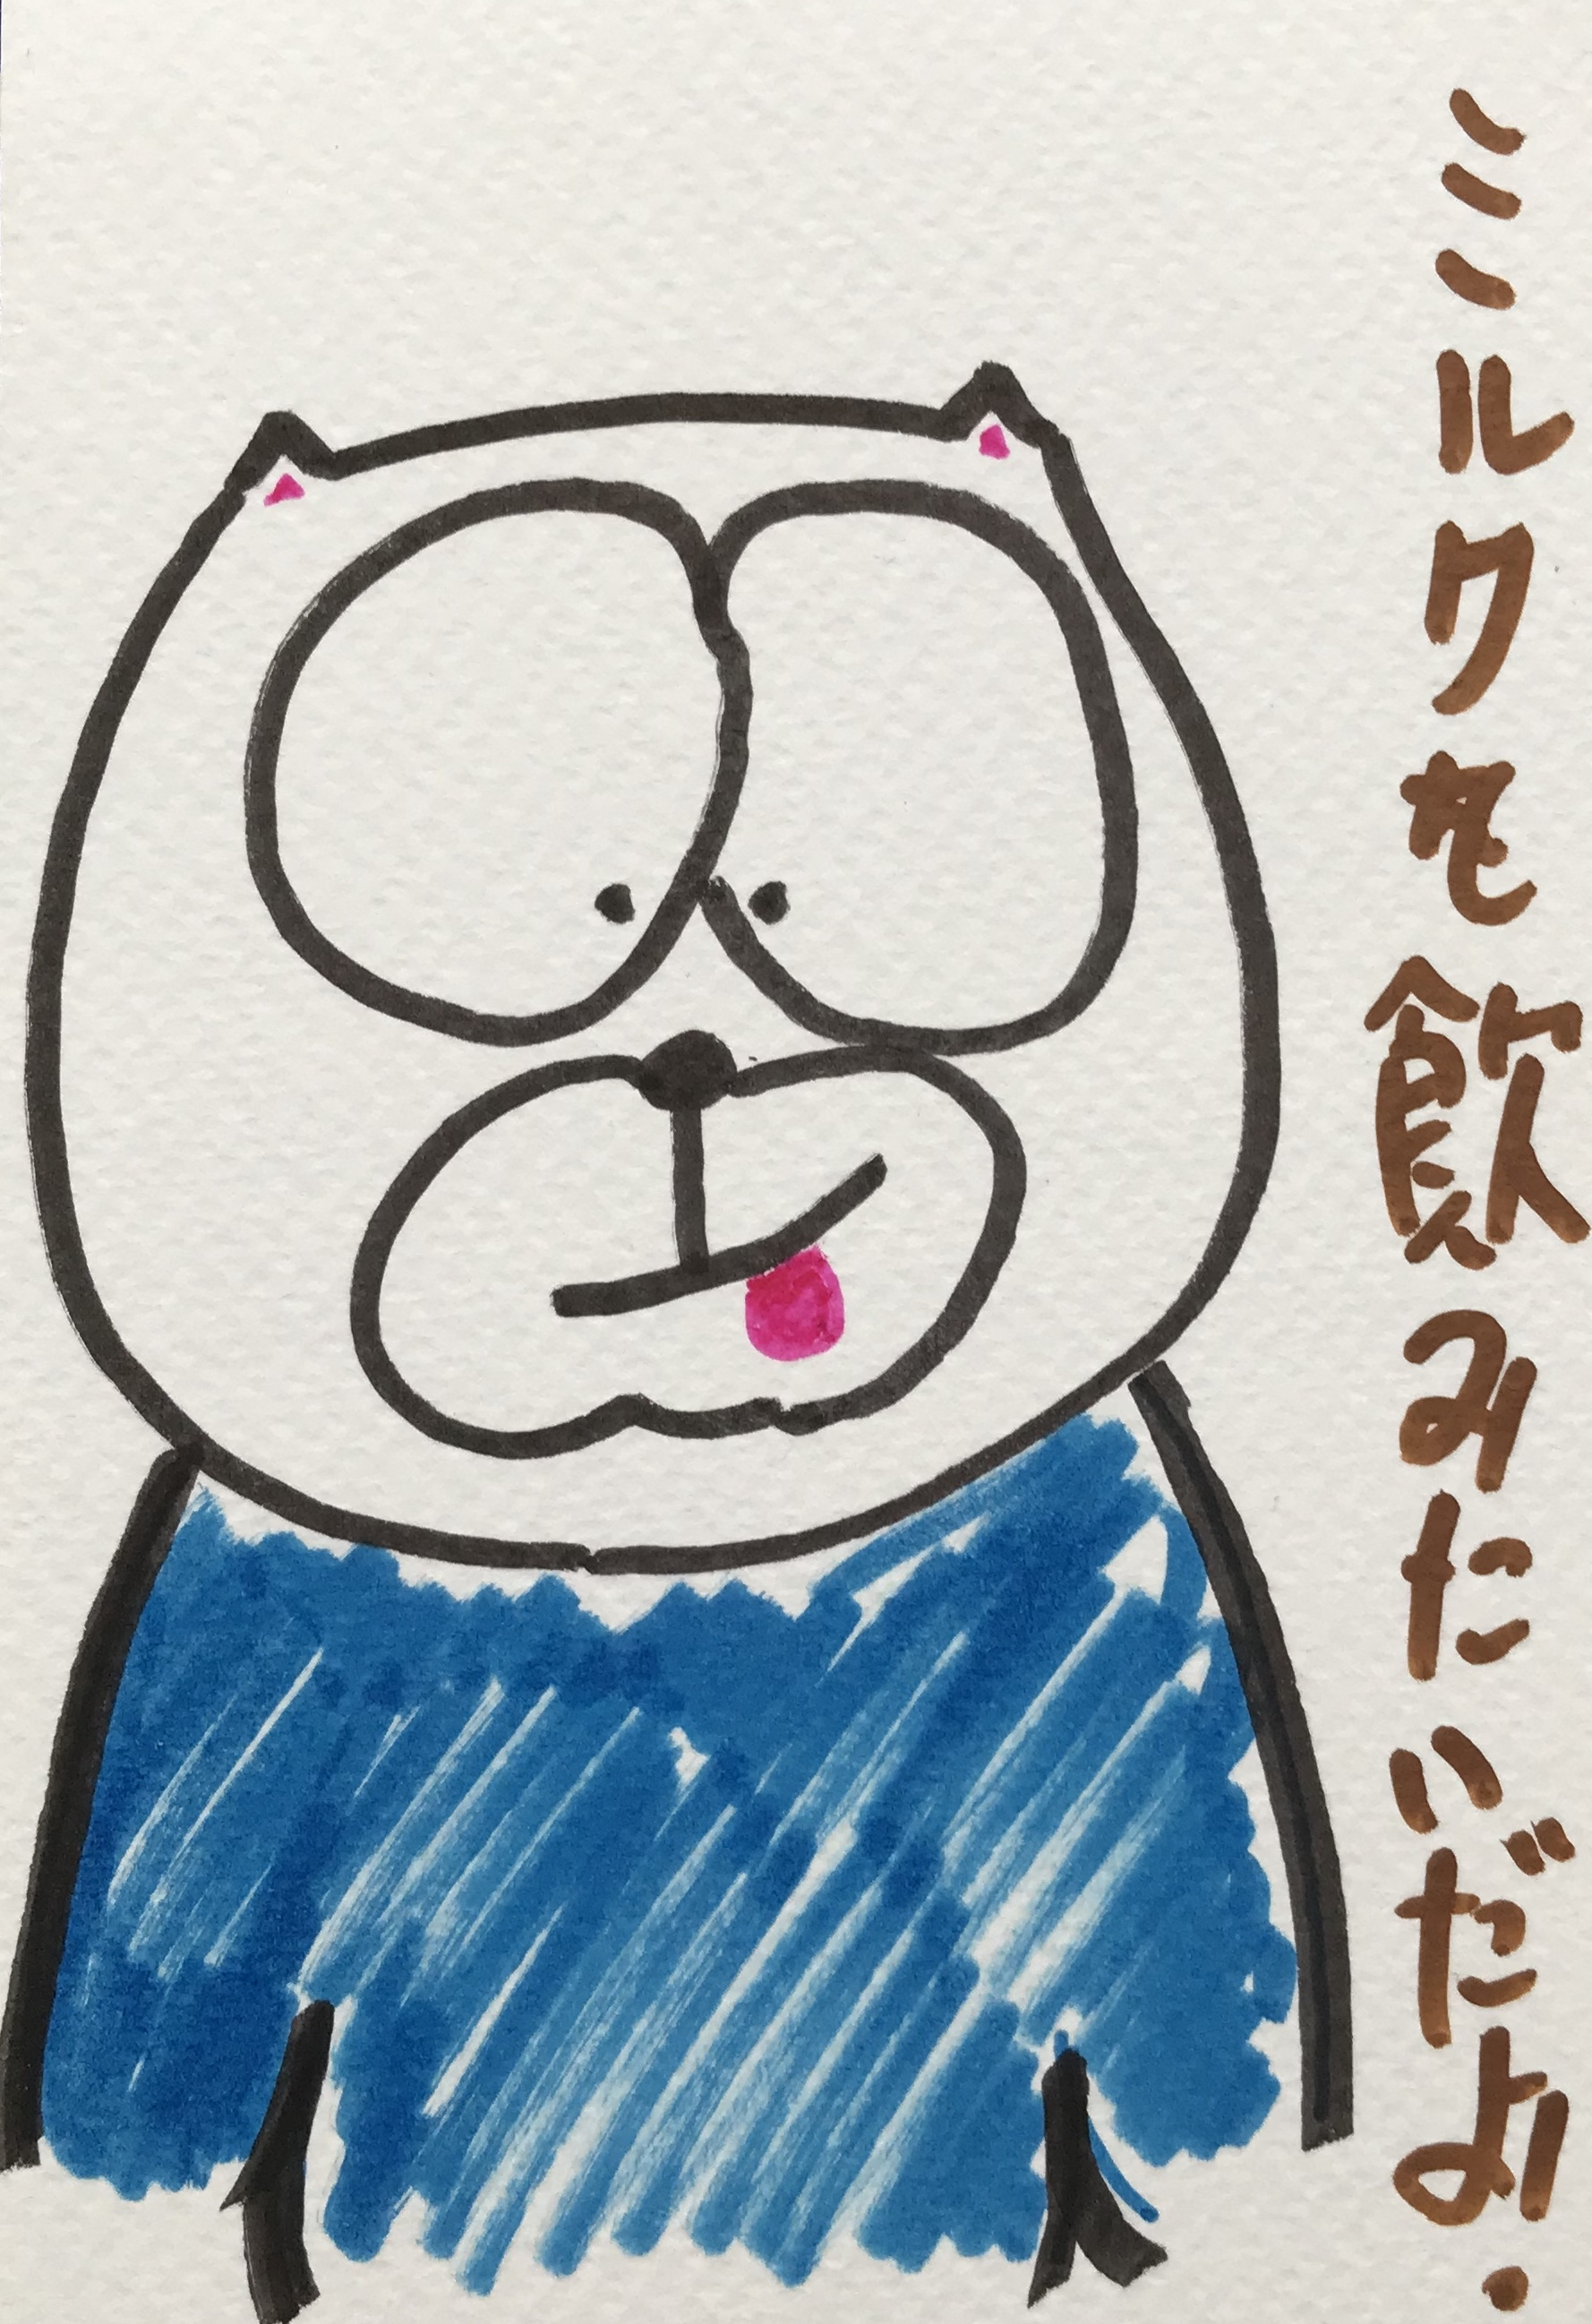 I want to drink miylk! Japanese